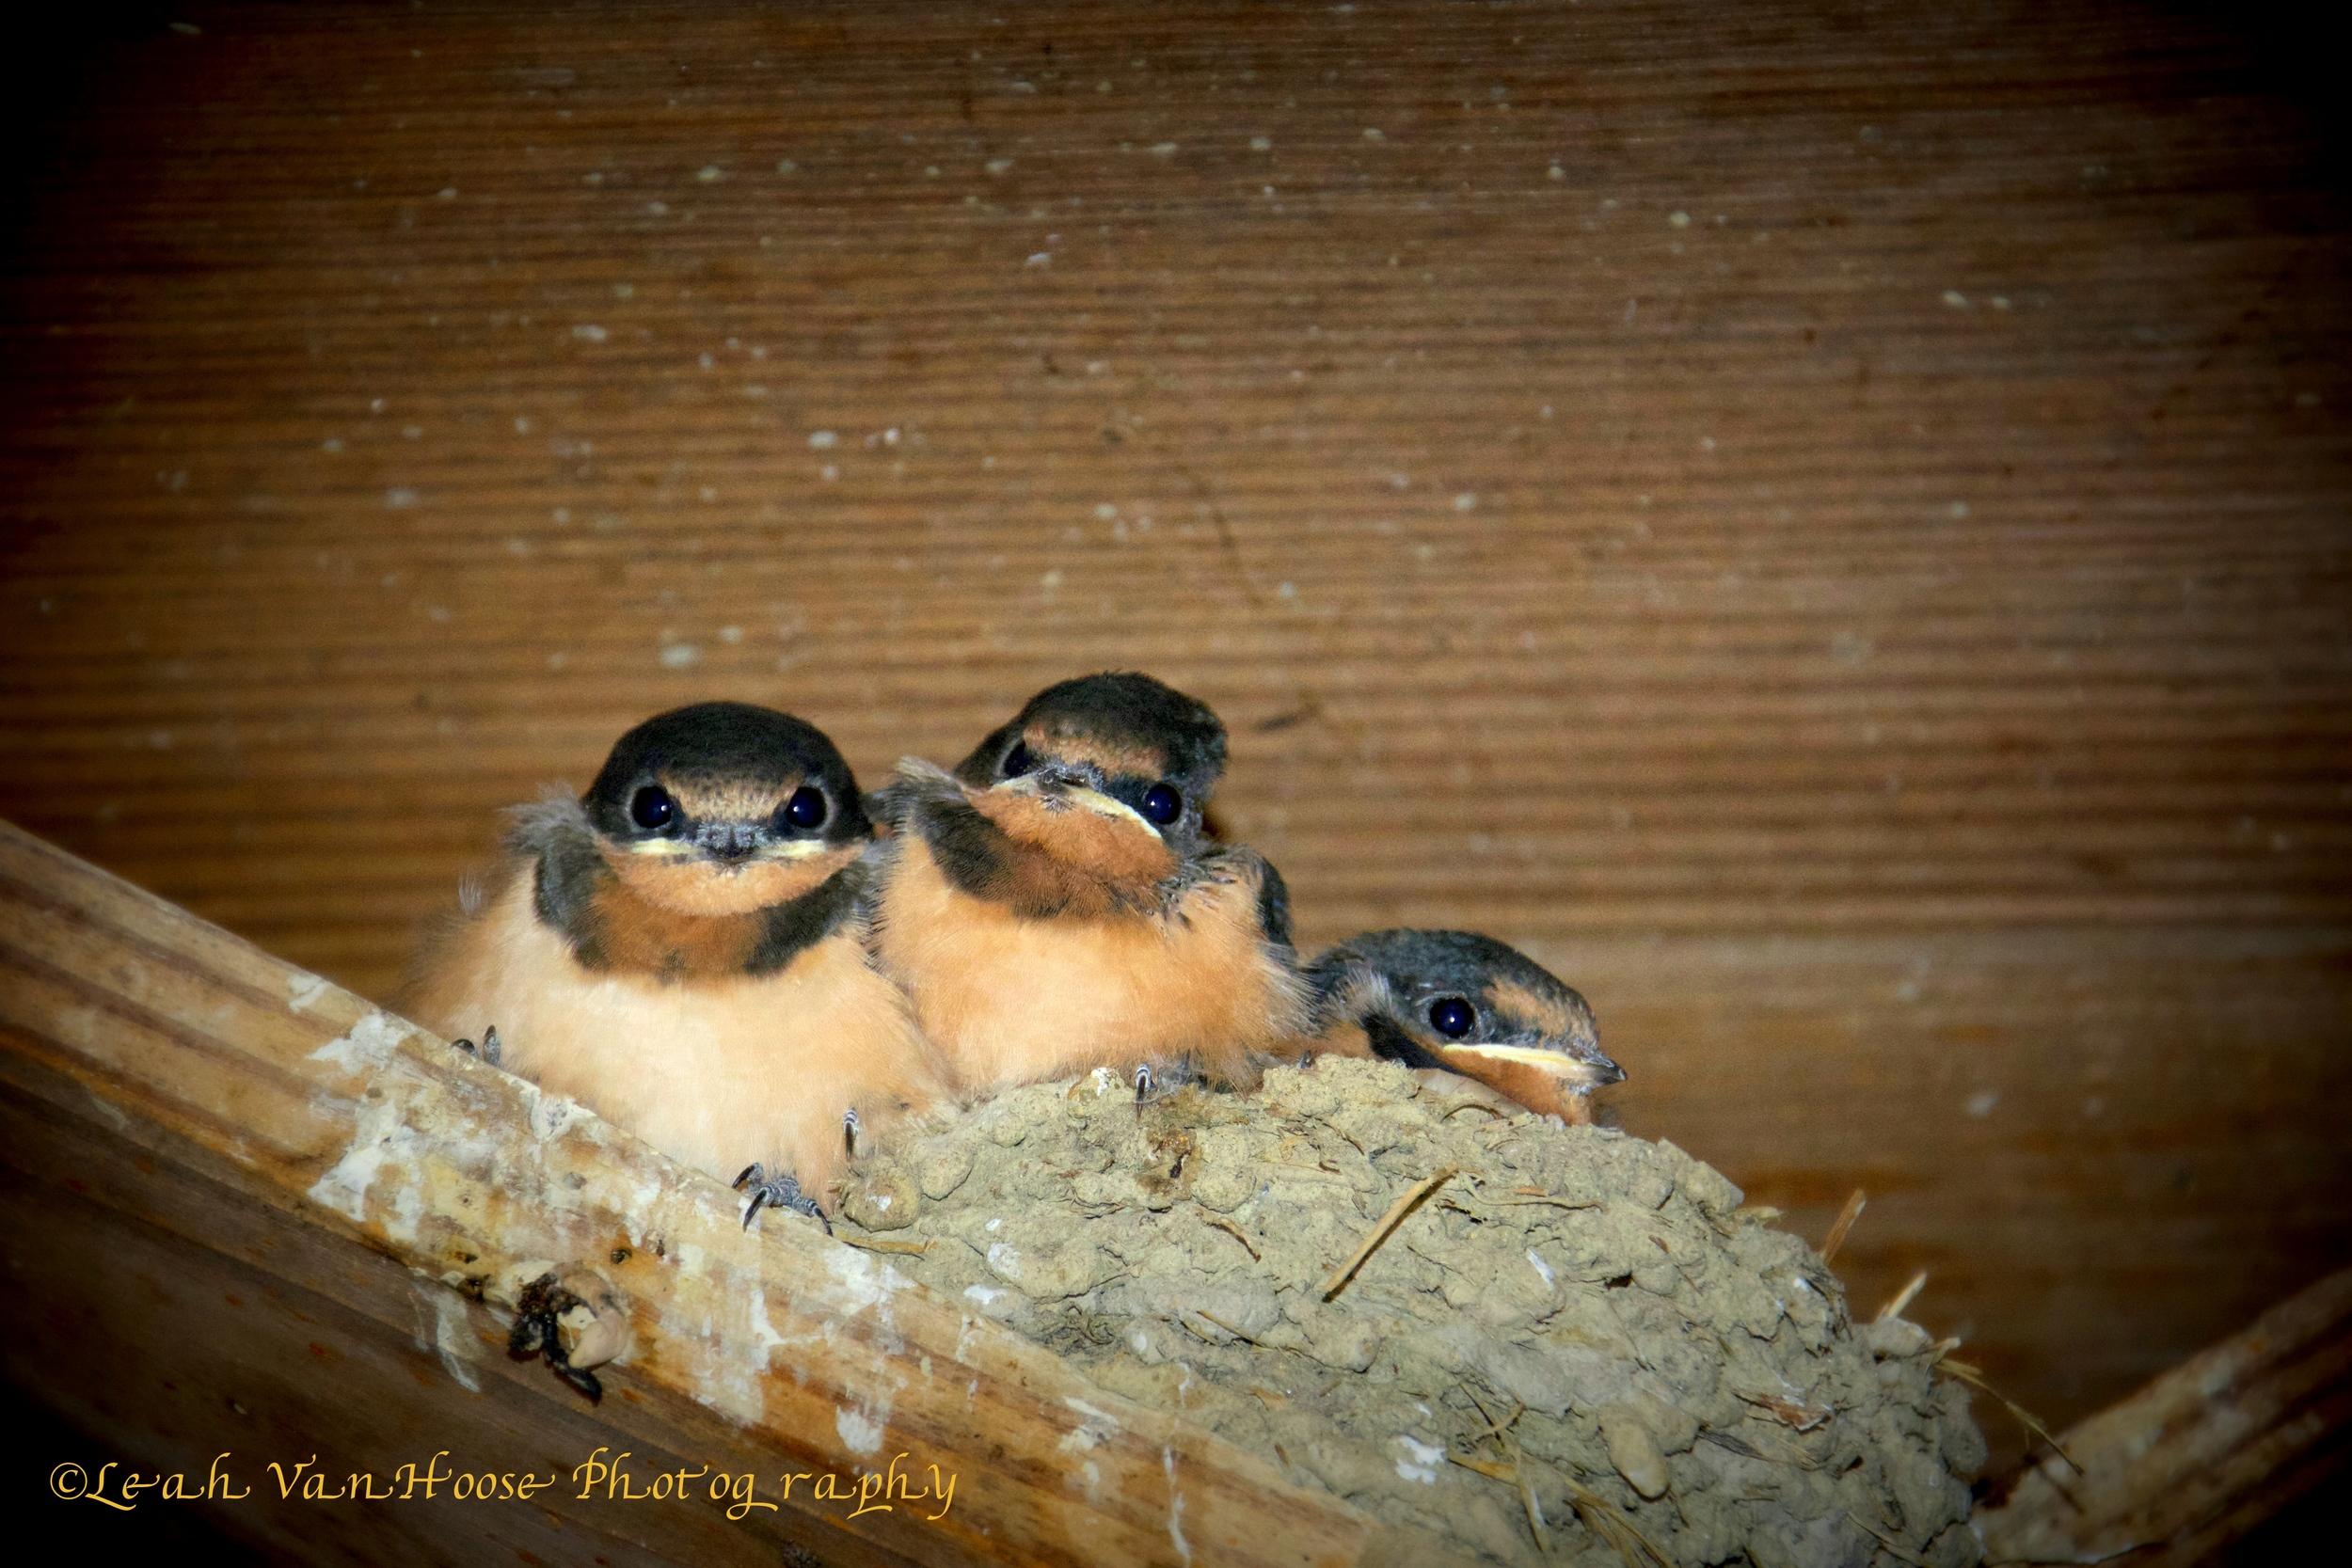 Baby barn swallows ready for flight